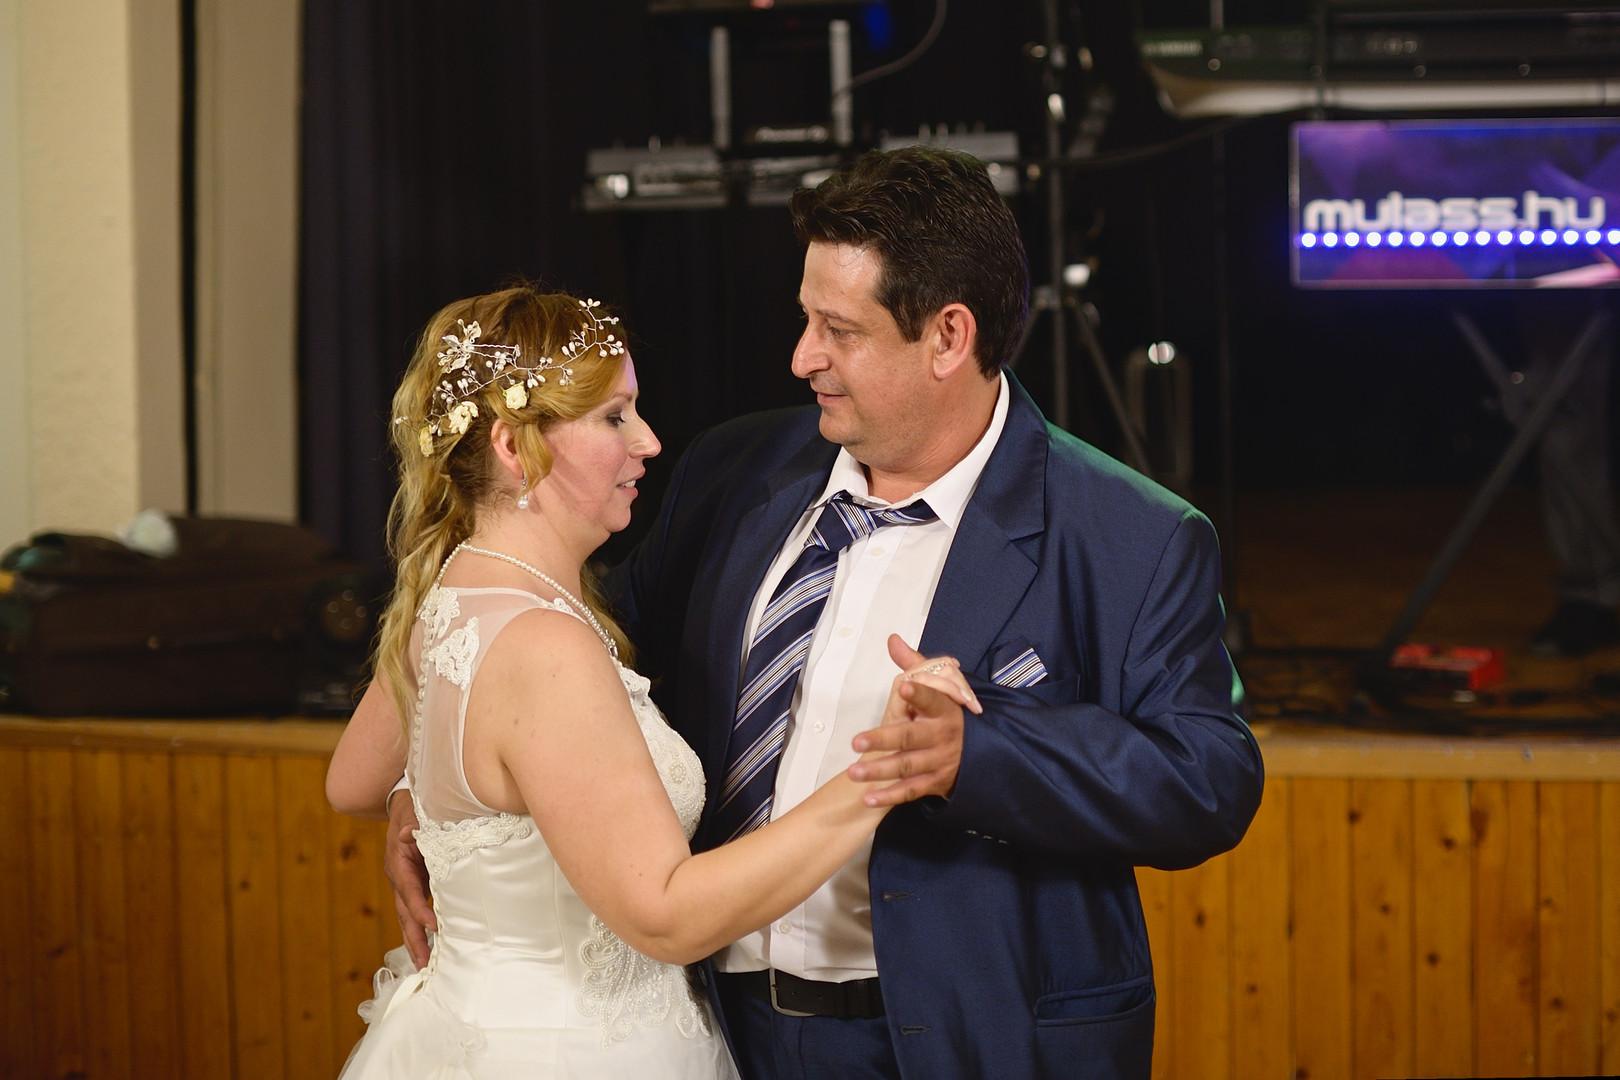 711  Esküvői fotózás - Enikő és Peti Bul